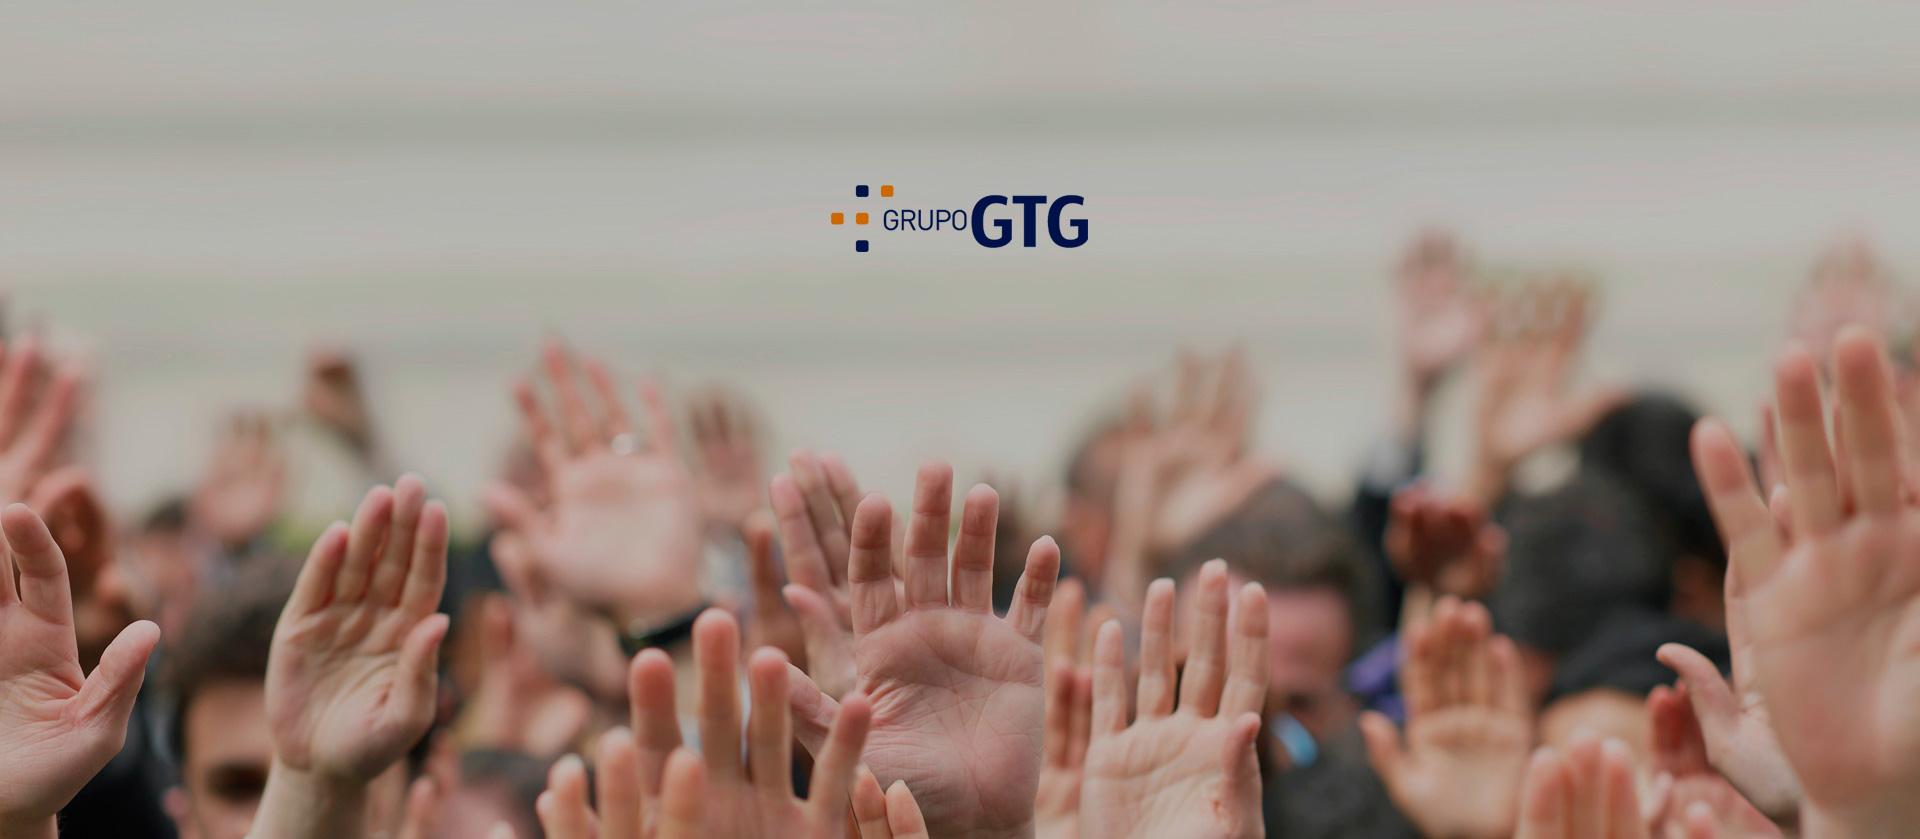 Curso online: Quorums para la adopción de acuerdos